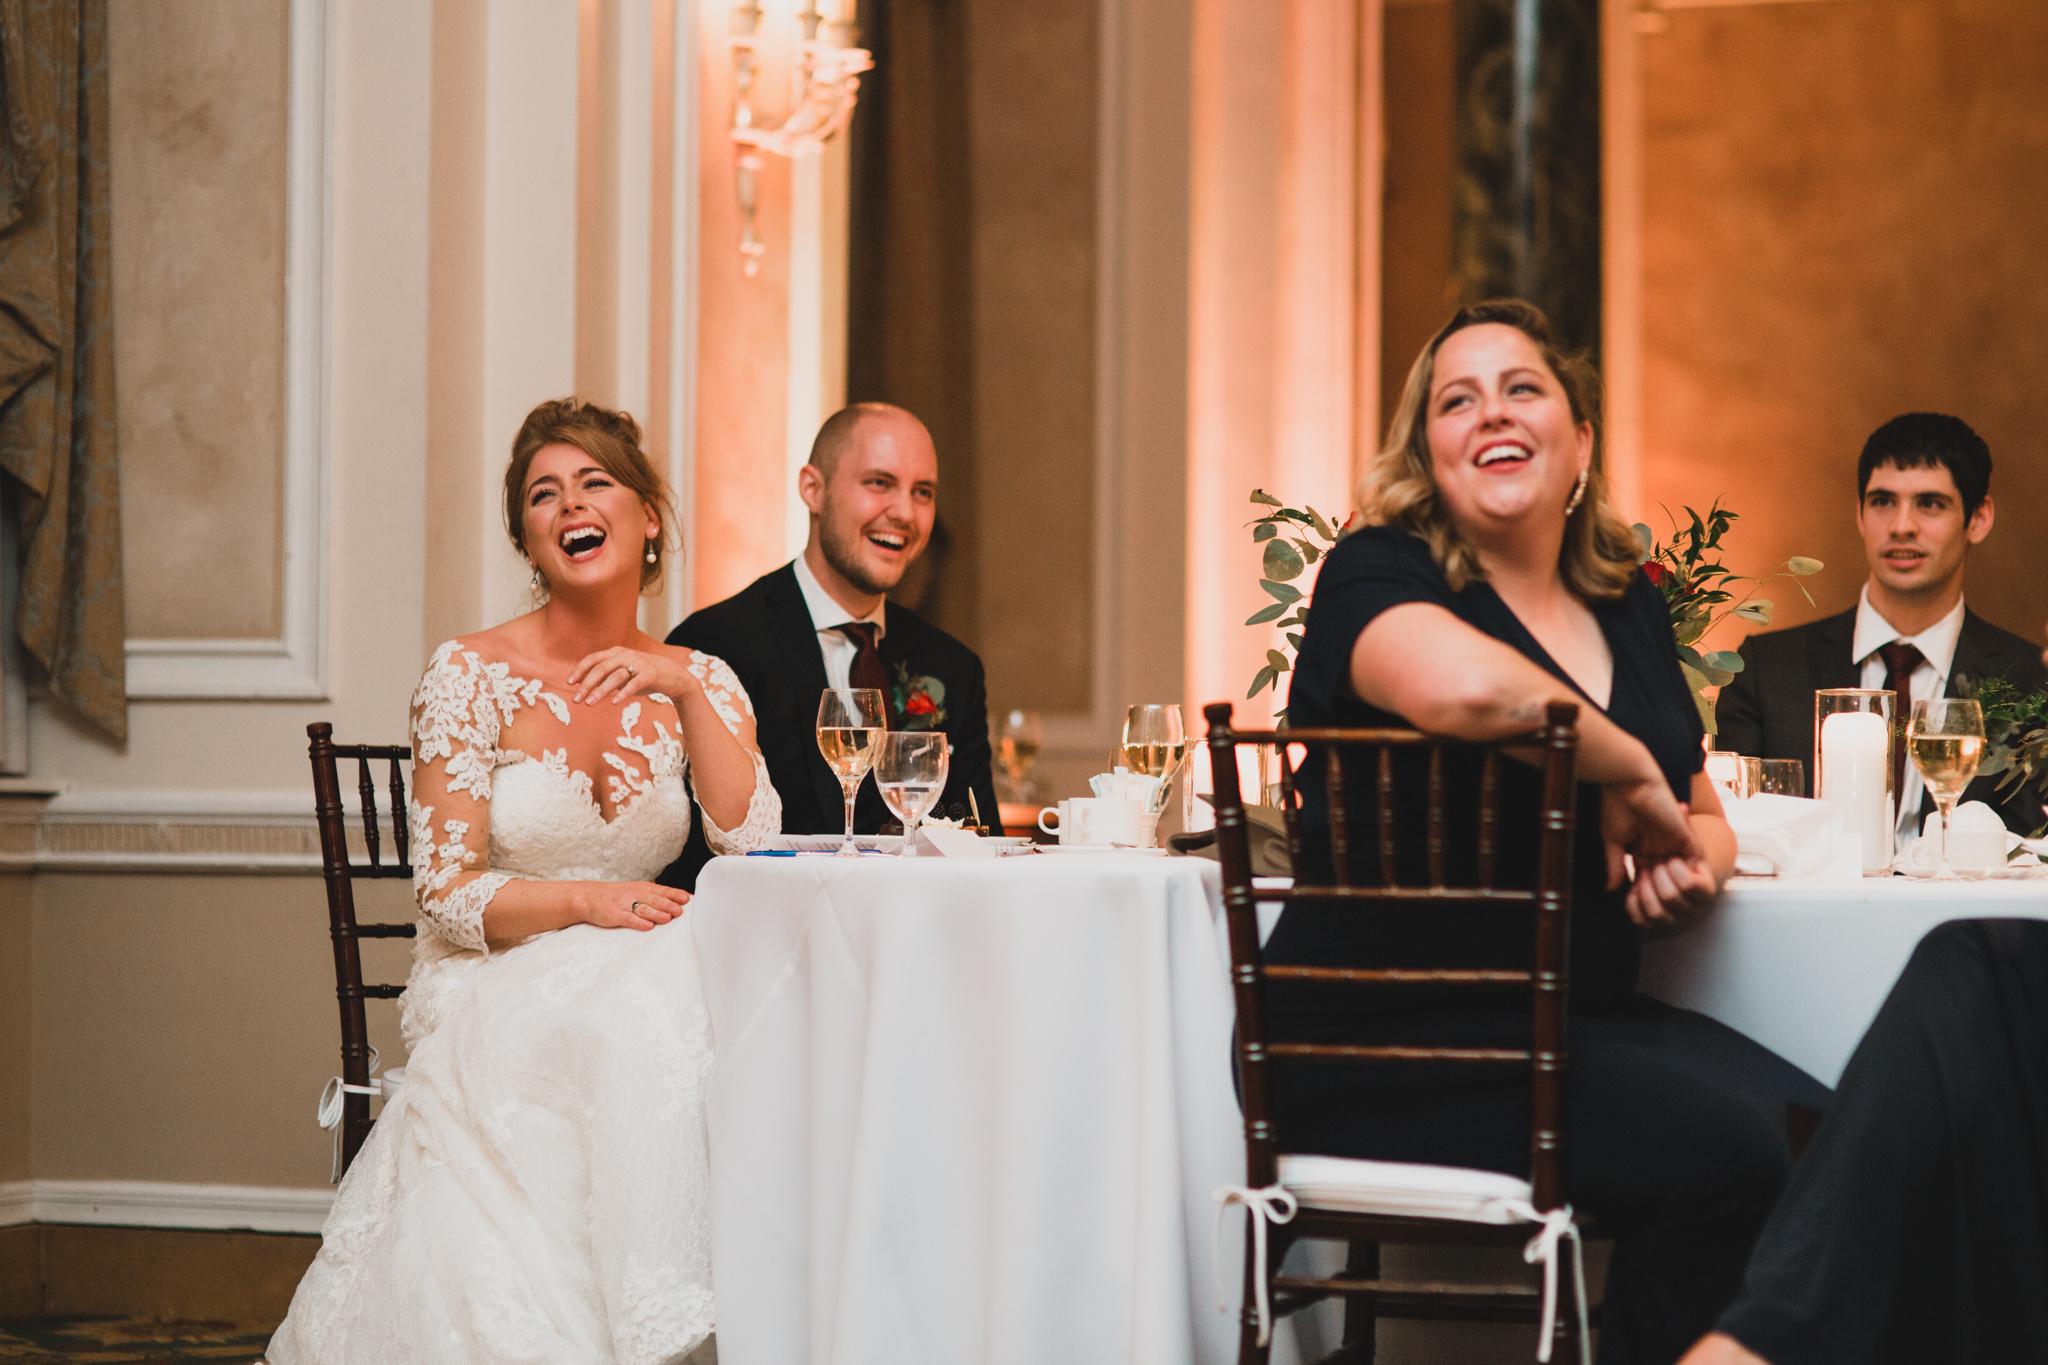 Natural wedding reception photos